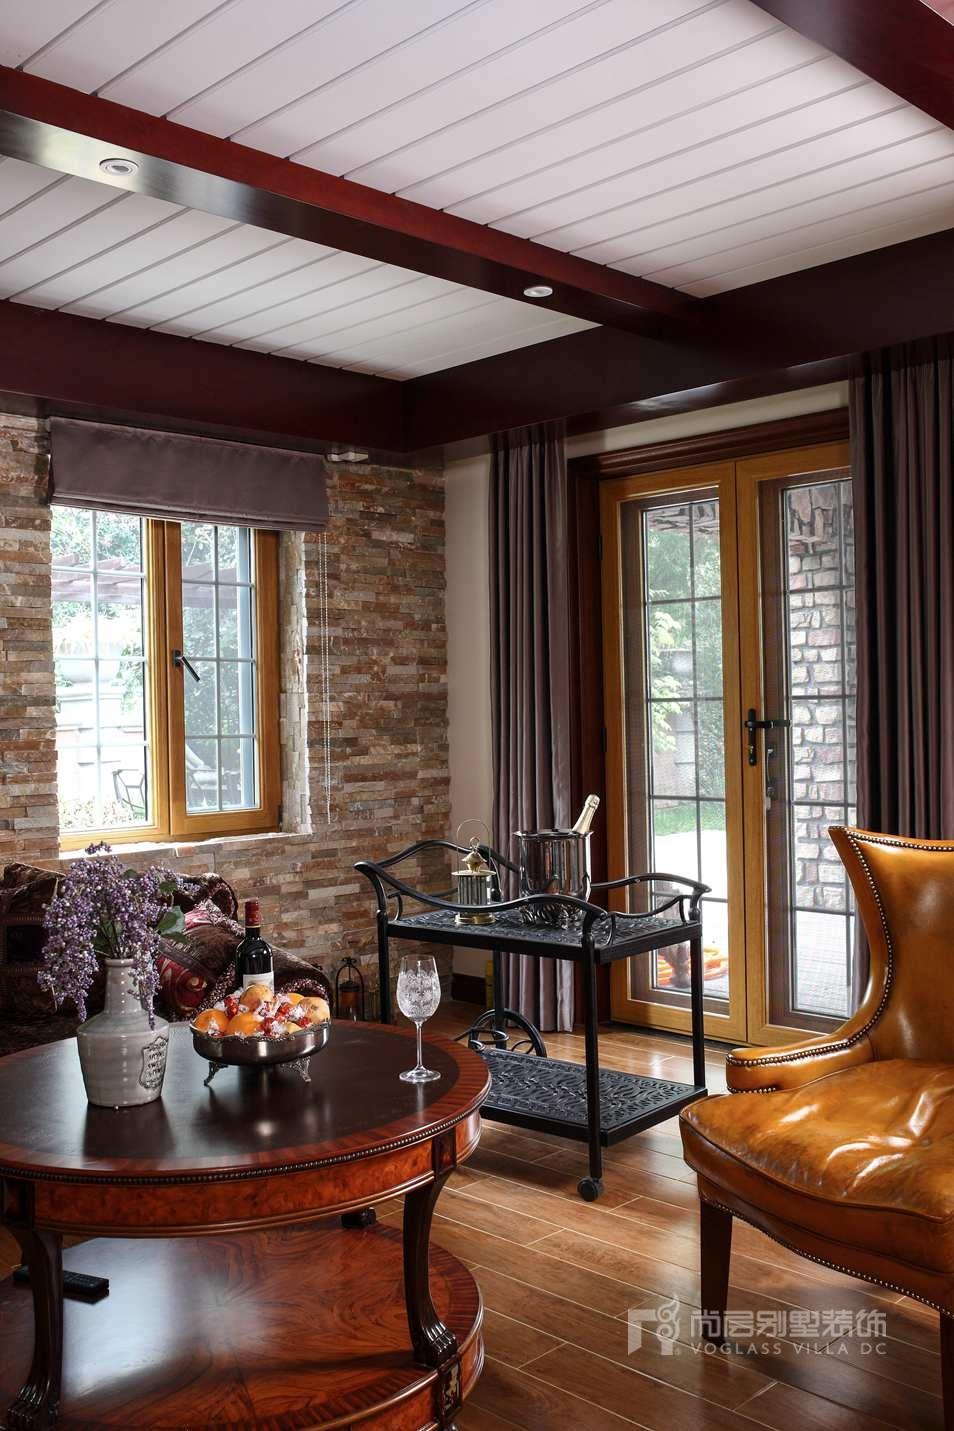 美式风格别墅装修案例实景图